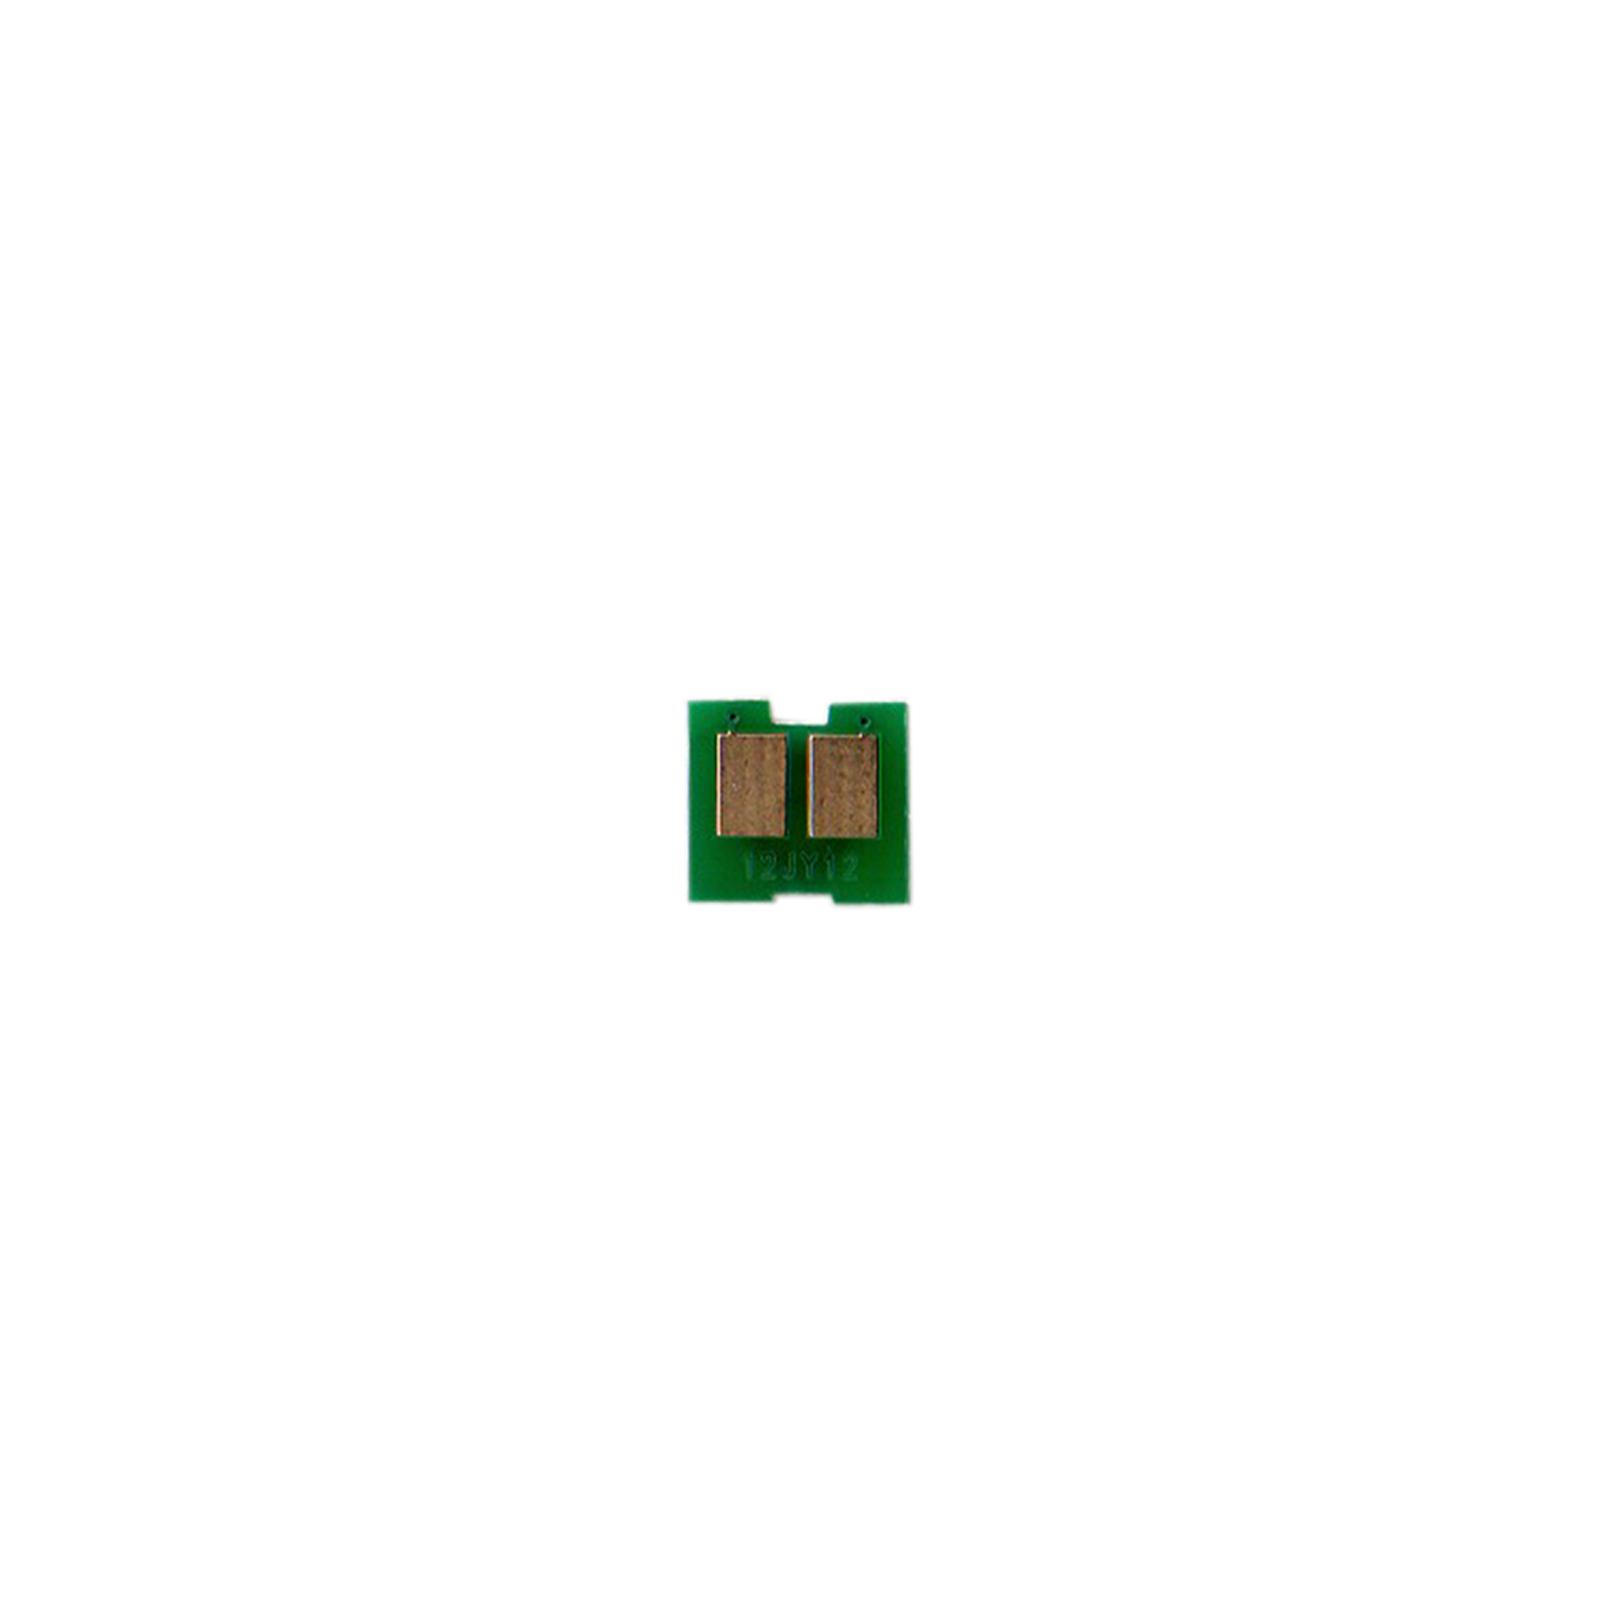 Чип для картриджа AHK HP CLJ Pro 200/M251/M276n Black (1800761)